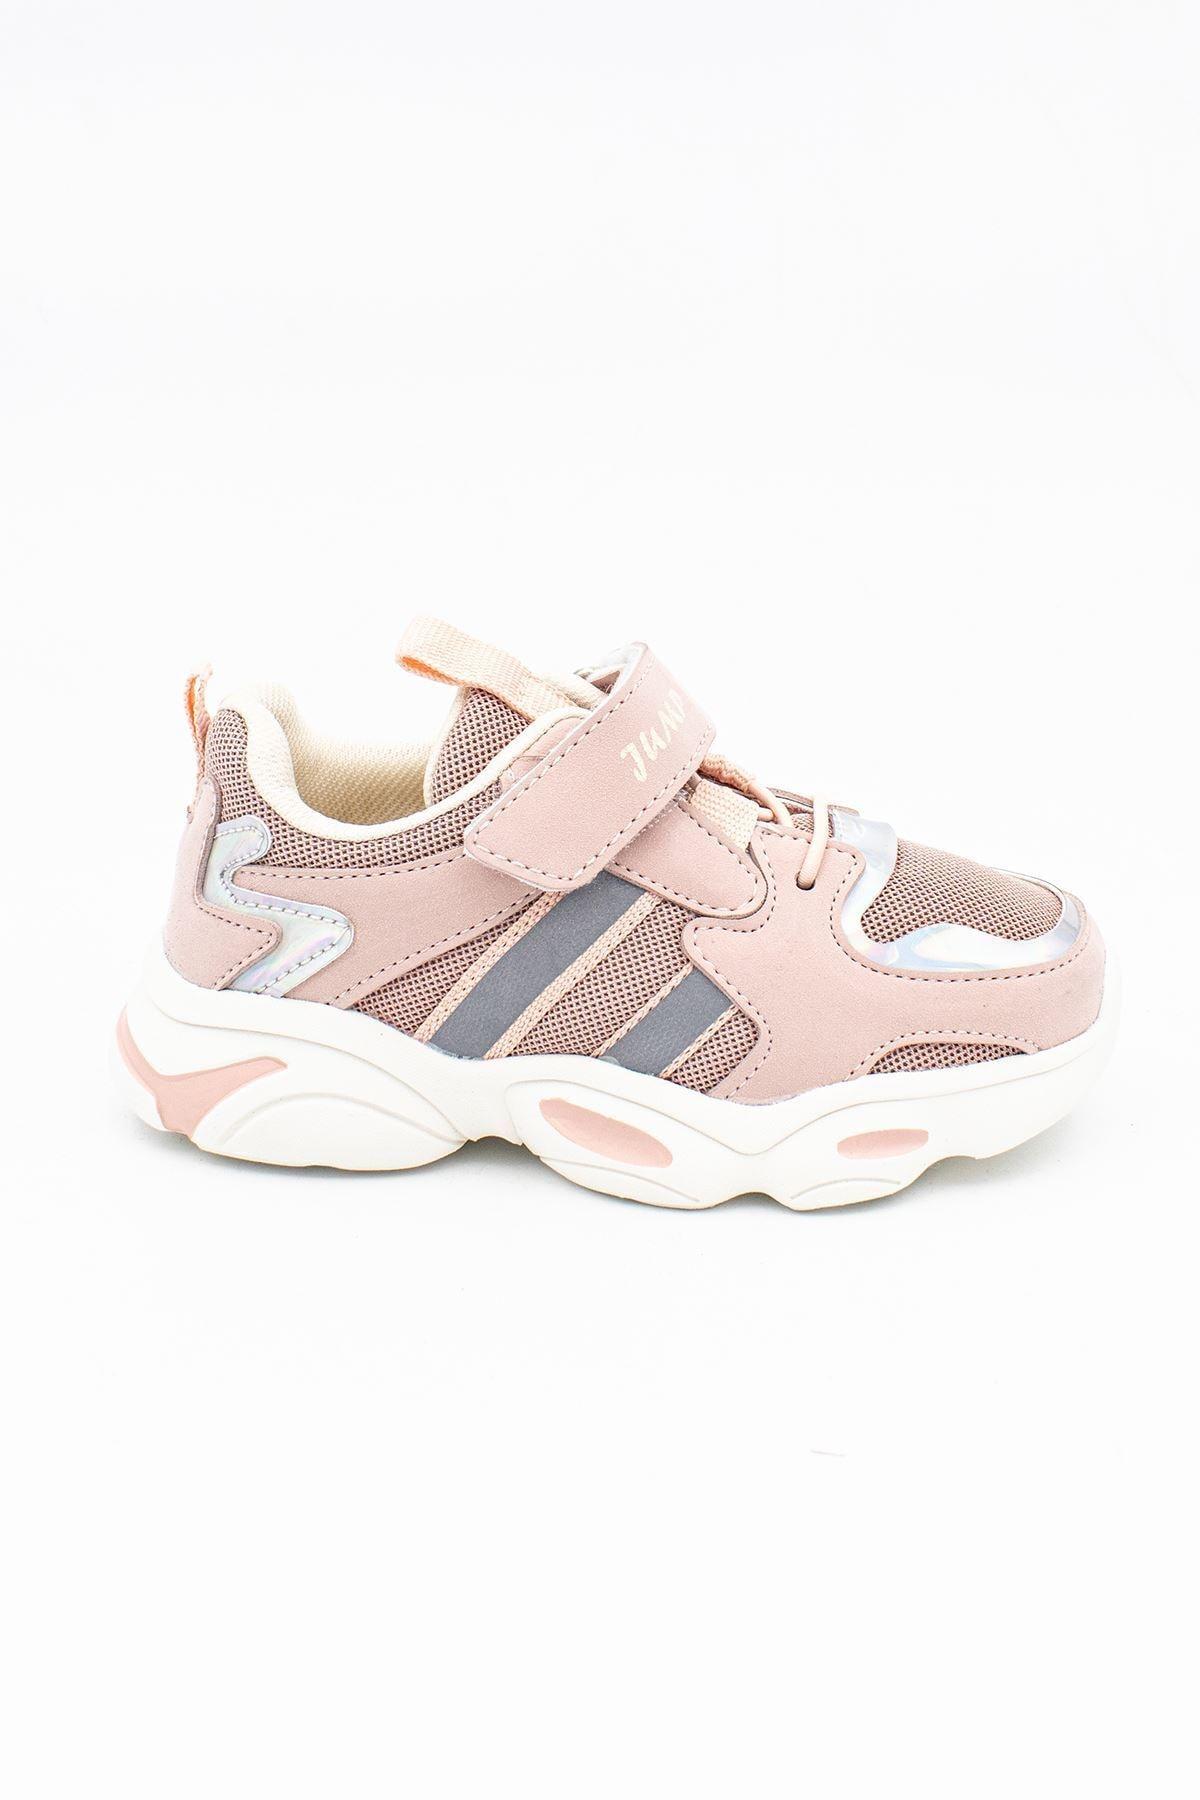 Jump Kız Çocuk Pembe Cırtlı Günlük Ayakkabı 20kjum26056071 1